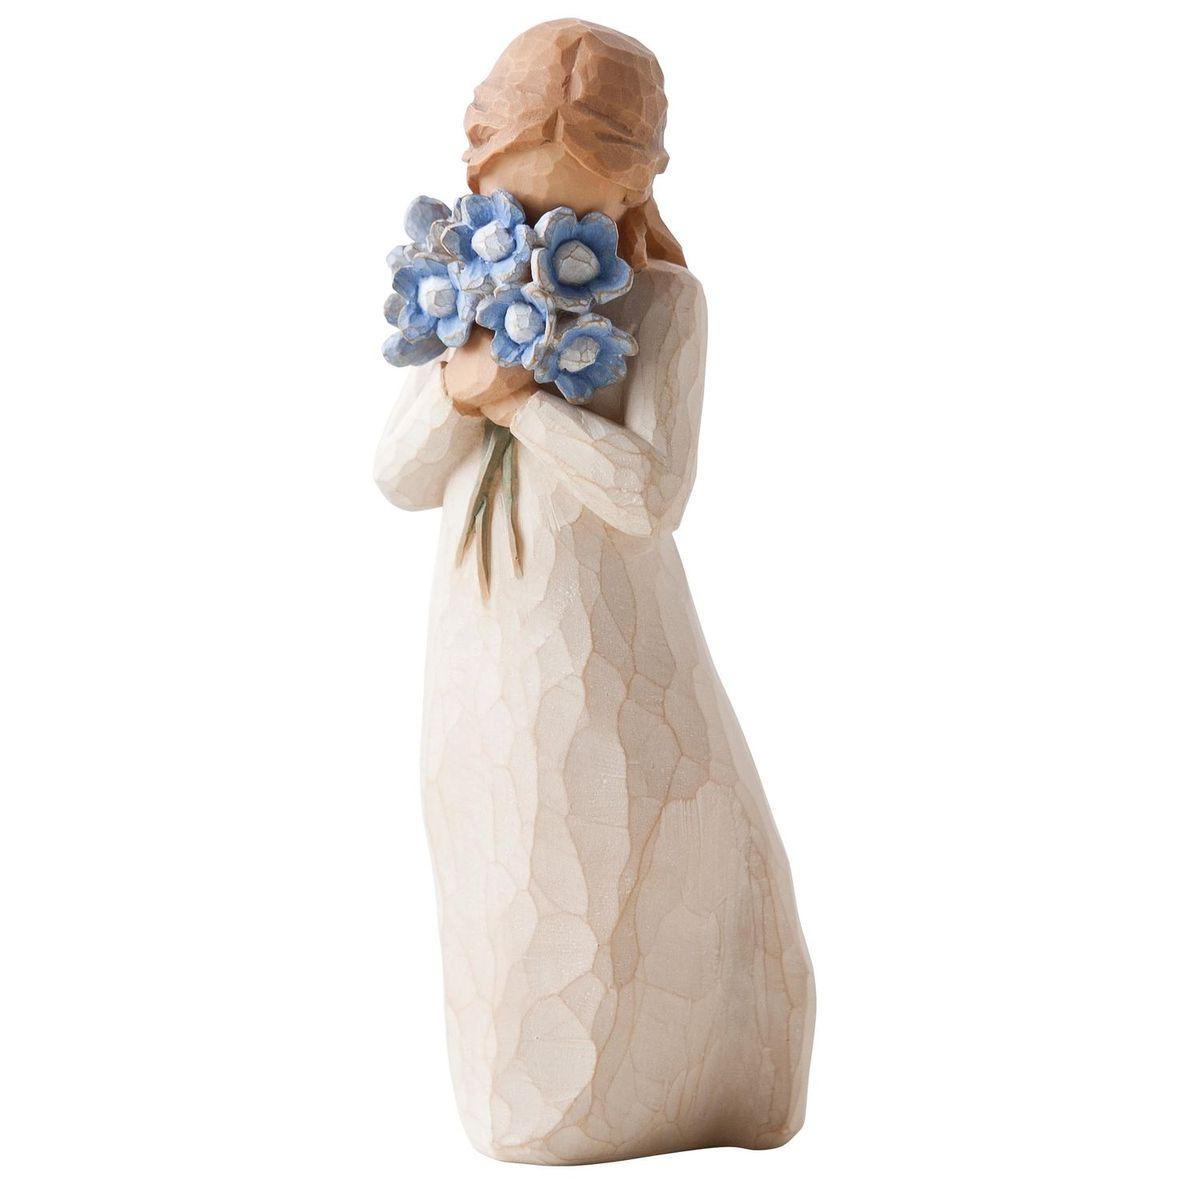 Фигурка Willow Tree Не забывай меня, 13,5 см26454Эти прекрасные статуэтки созданы канадским скульптором Сьюзан Лорди. Каждая фигурка – это настоящее произведение искусства, образная скульптура в миниатюре, изображающая эмоции и чувства, которые помогают нам чувствовать себя ближе к другим, верить в мечту, выражать любовь. Каждая фигурка помещена в красивую упаковку. Купить такой оригинальный подарок, значит не только украсить интерьер помещения или жилой комнаты, но выразить свое глубокое отношение к любимому человеку. Этот прекрасный сувенир будет лучшим подарком на день ангела, именины, день рождения, юбилей. Материал: Искусственный камень (49% карбонат кальция мелкозернистой разновидности, 51% искусственный камень)